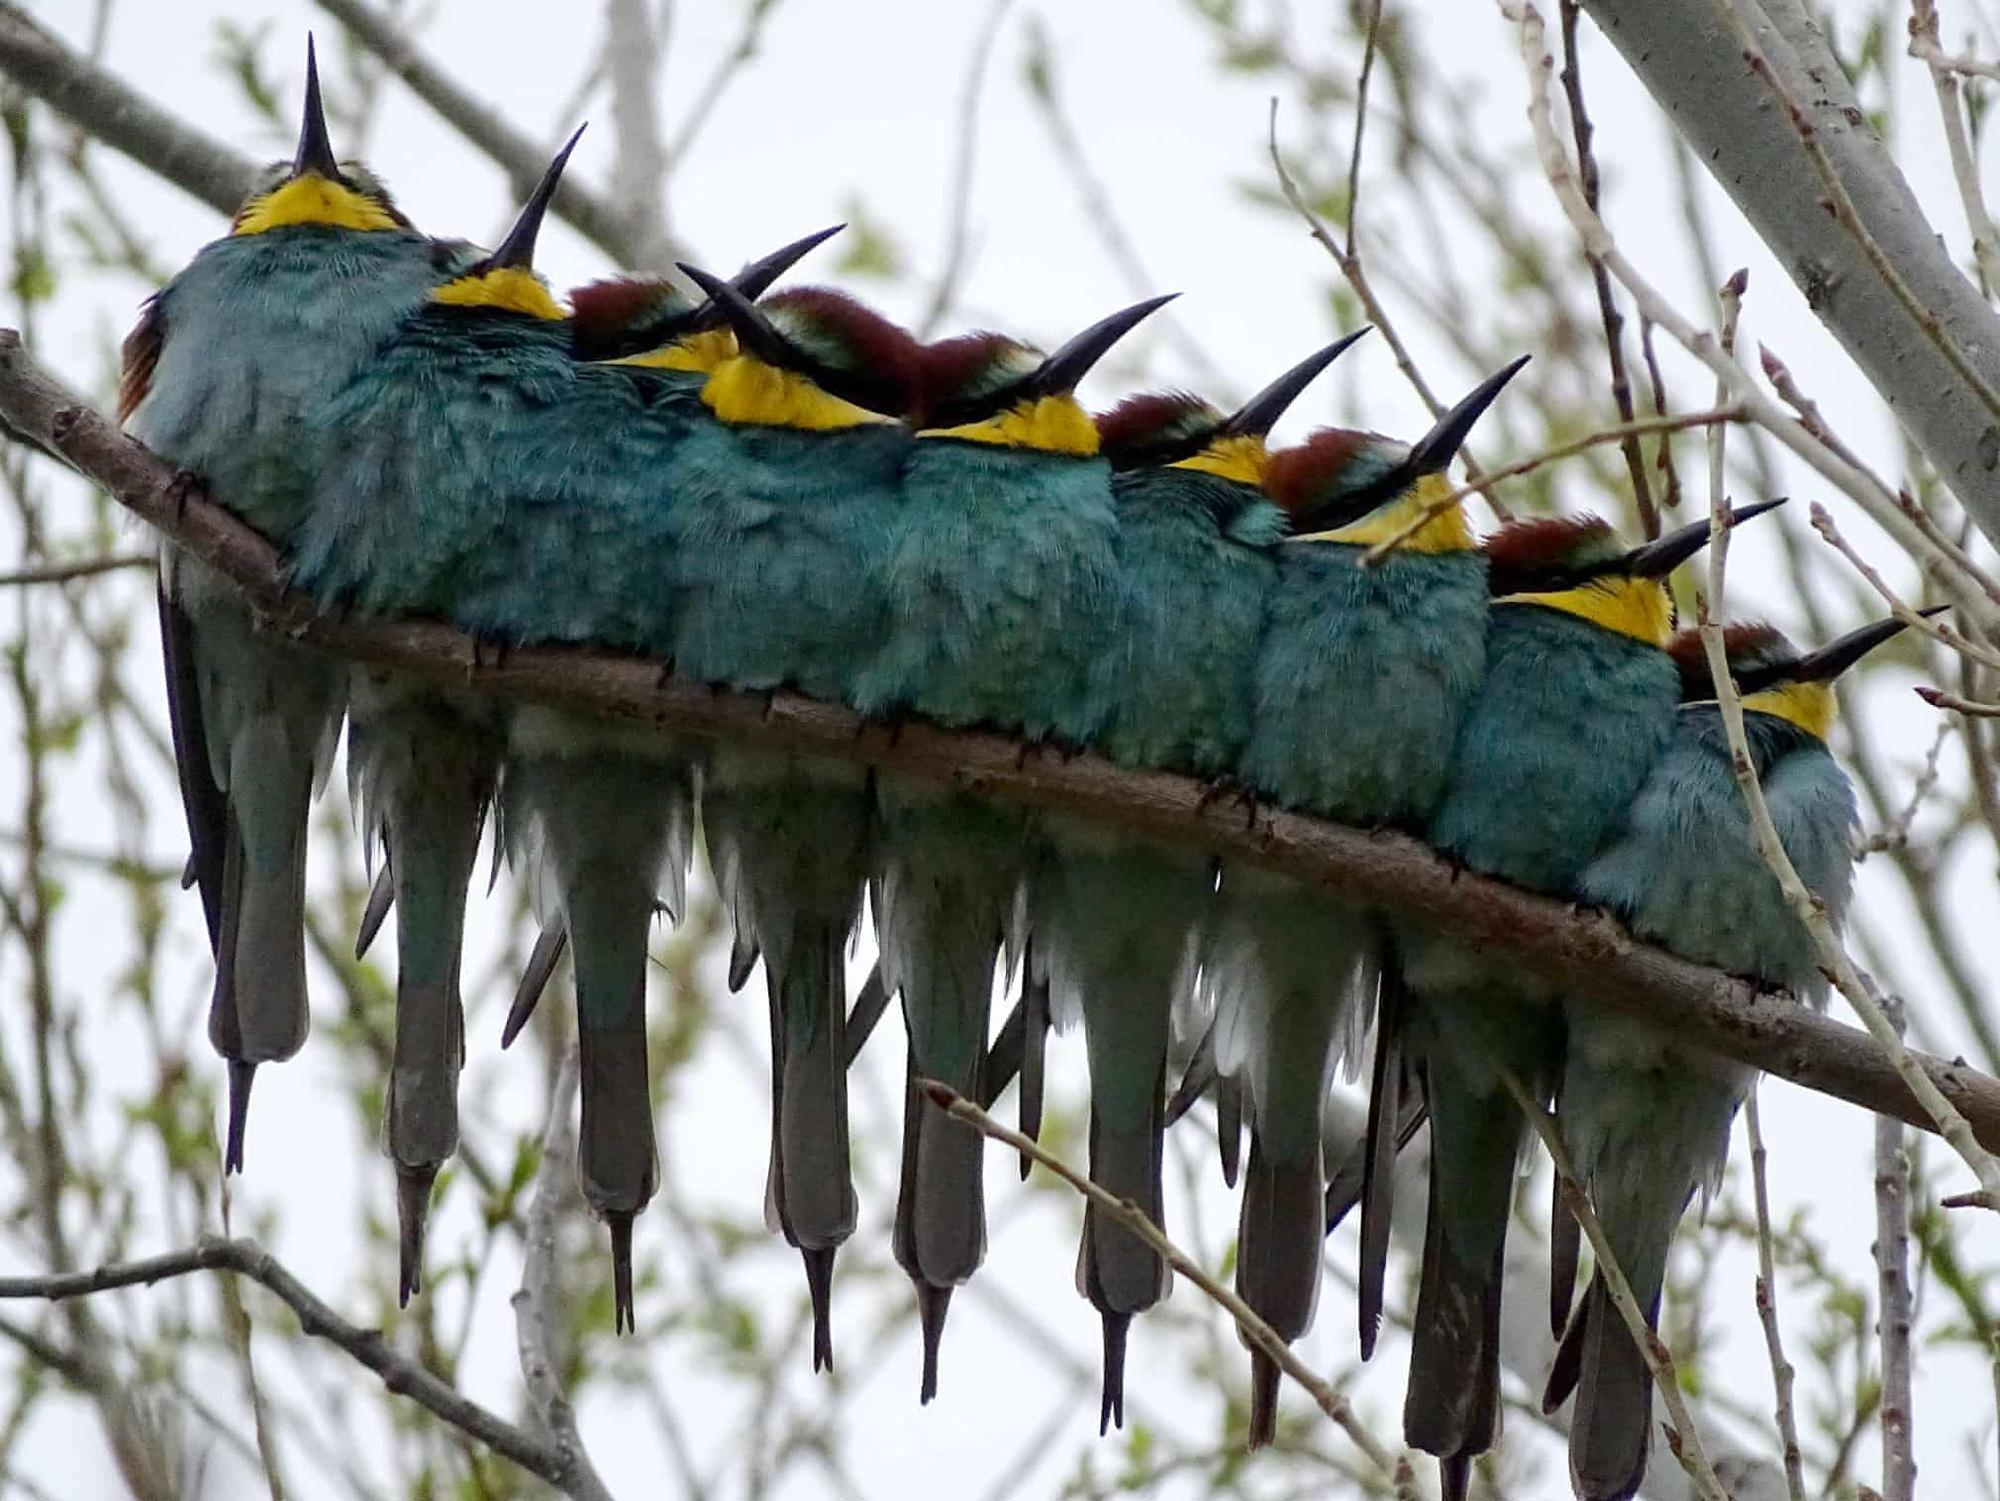 Đại bàng đầu trắng tóm con mồi lọt top 15 ảnh động vật đẹp tuần qua - Ảnh 4.